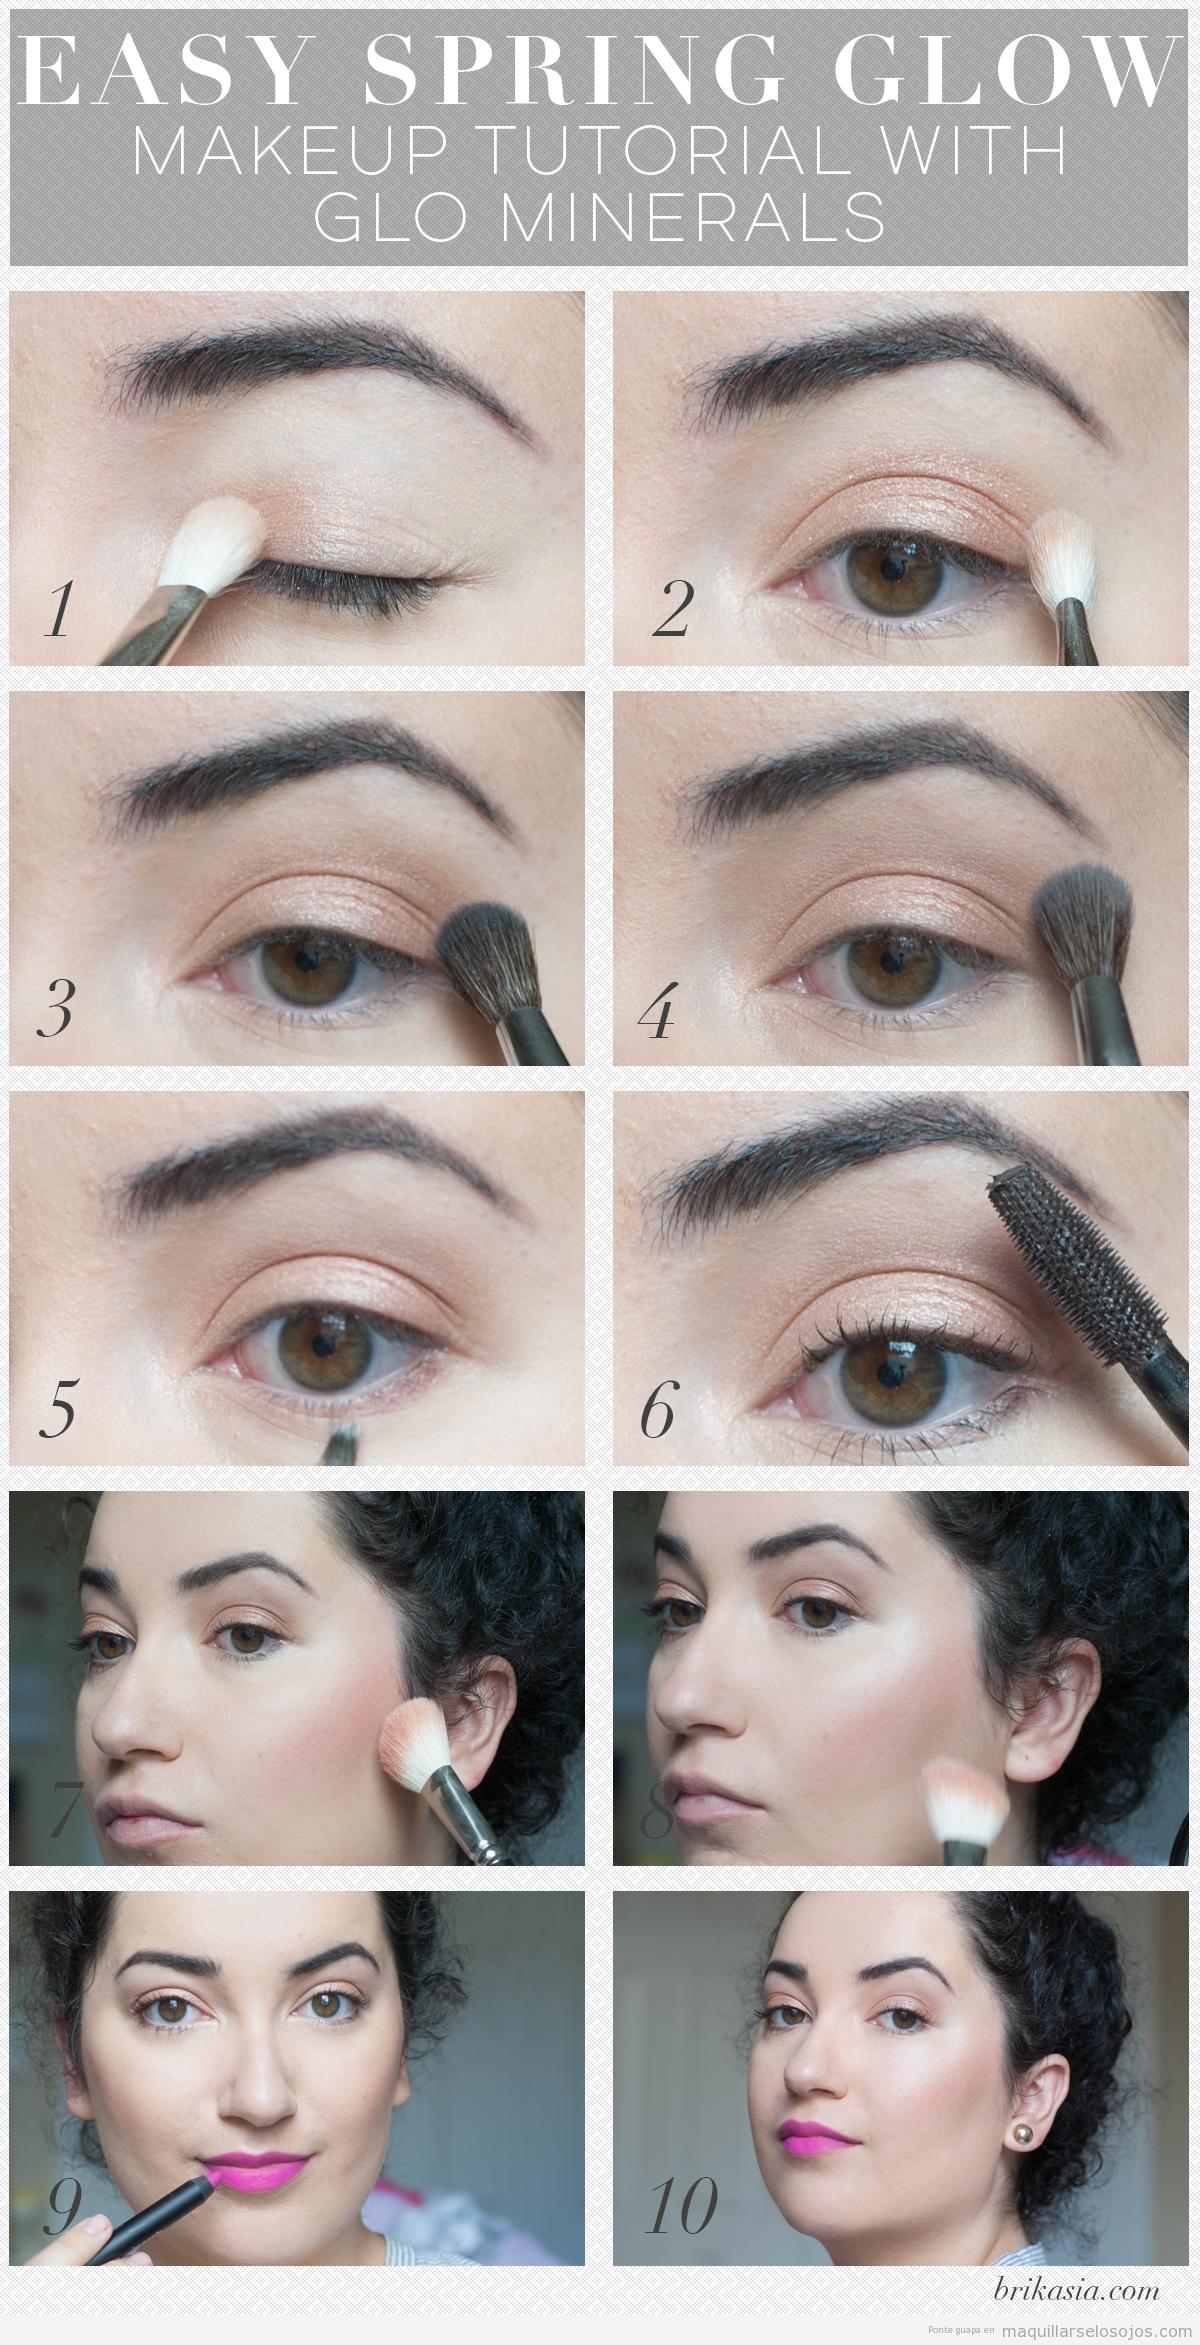 Tutorial maquillaje fácil ojos primavera en tonos minerales